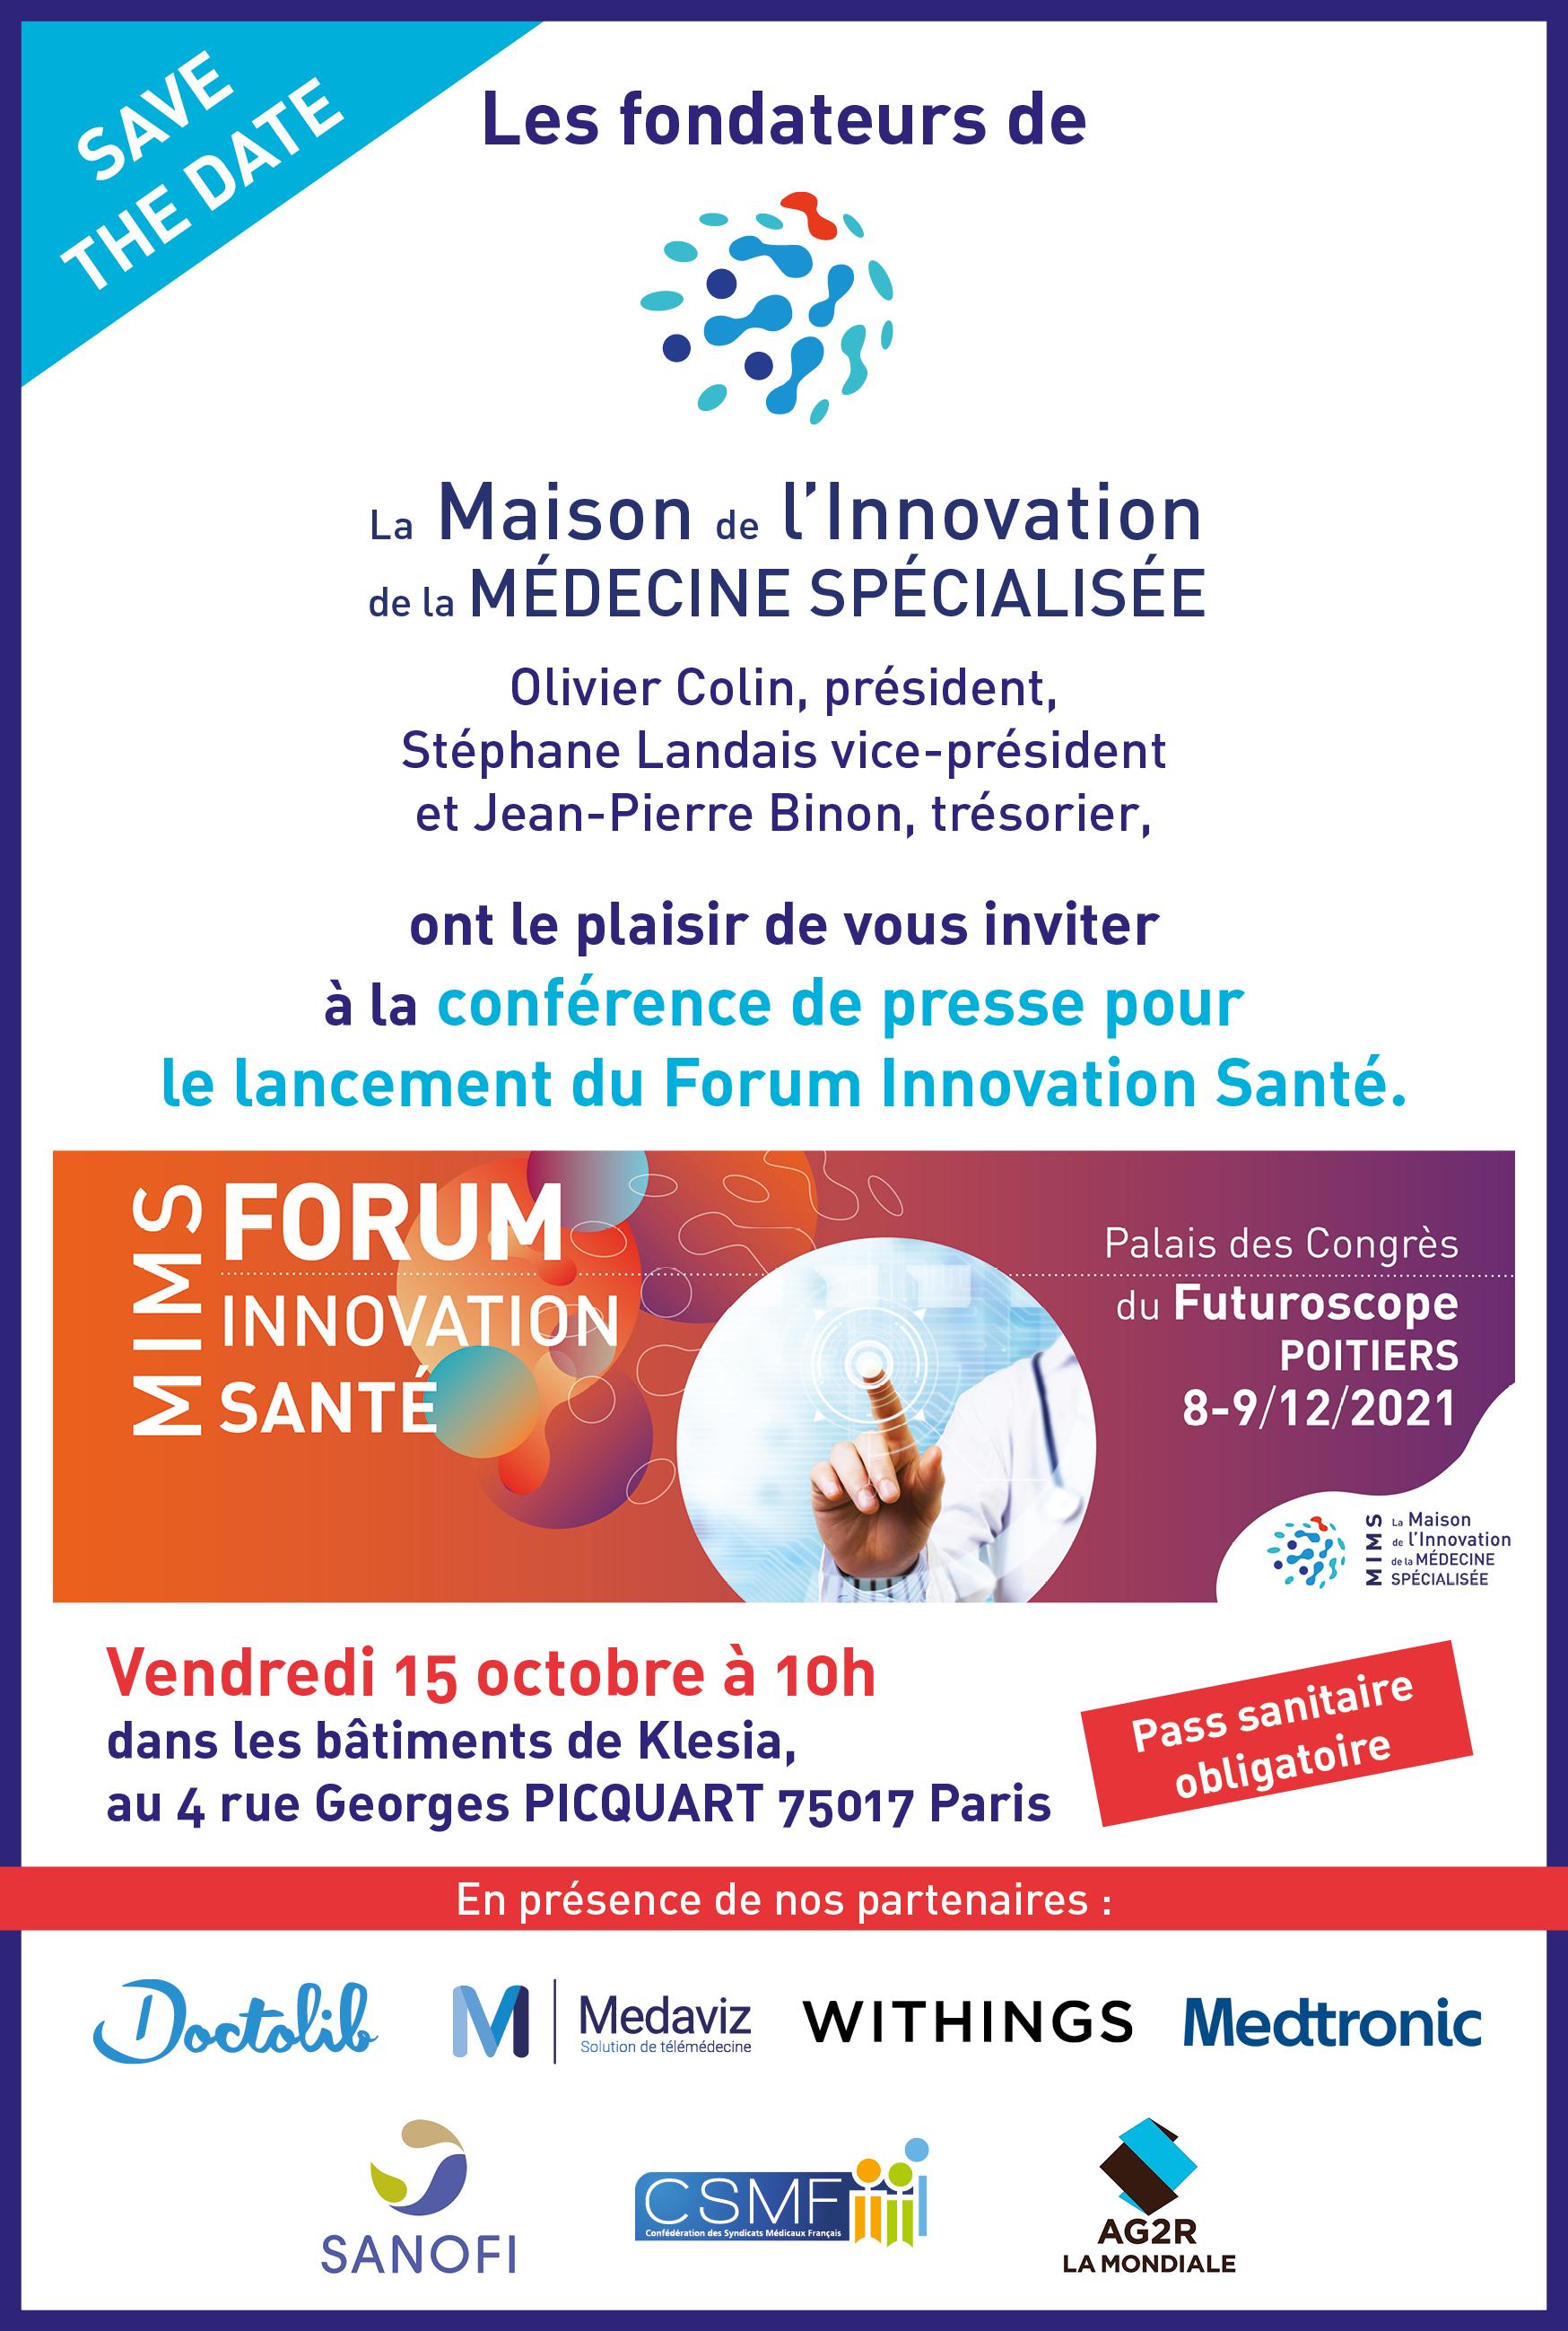 MIMS forum innovation santé